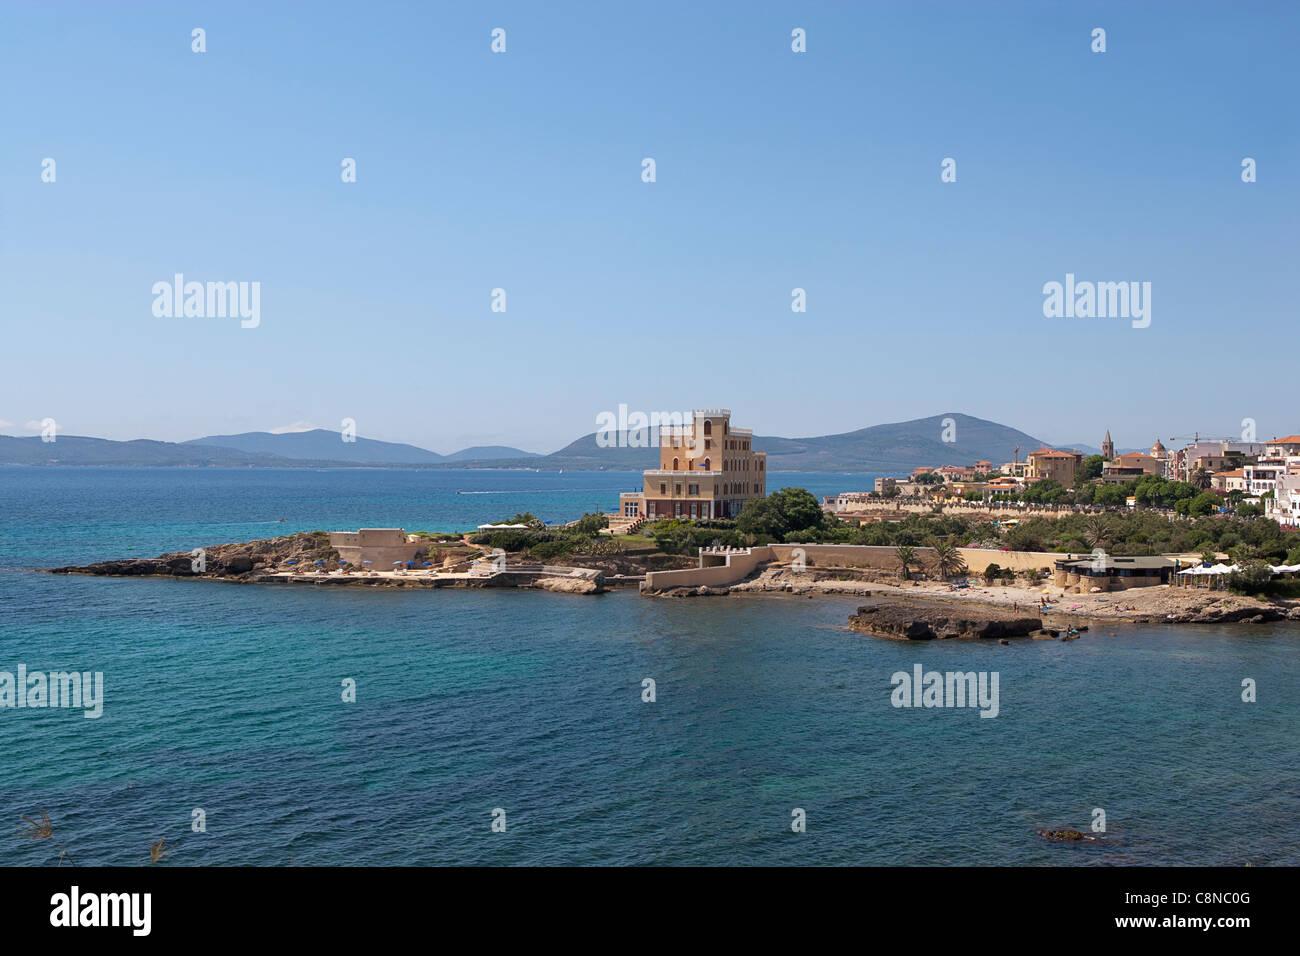 Italy, Sardinia, Alghero, view towards the promontory - Stock Image